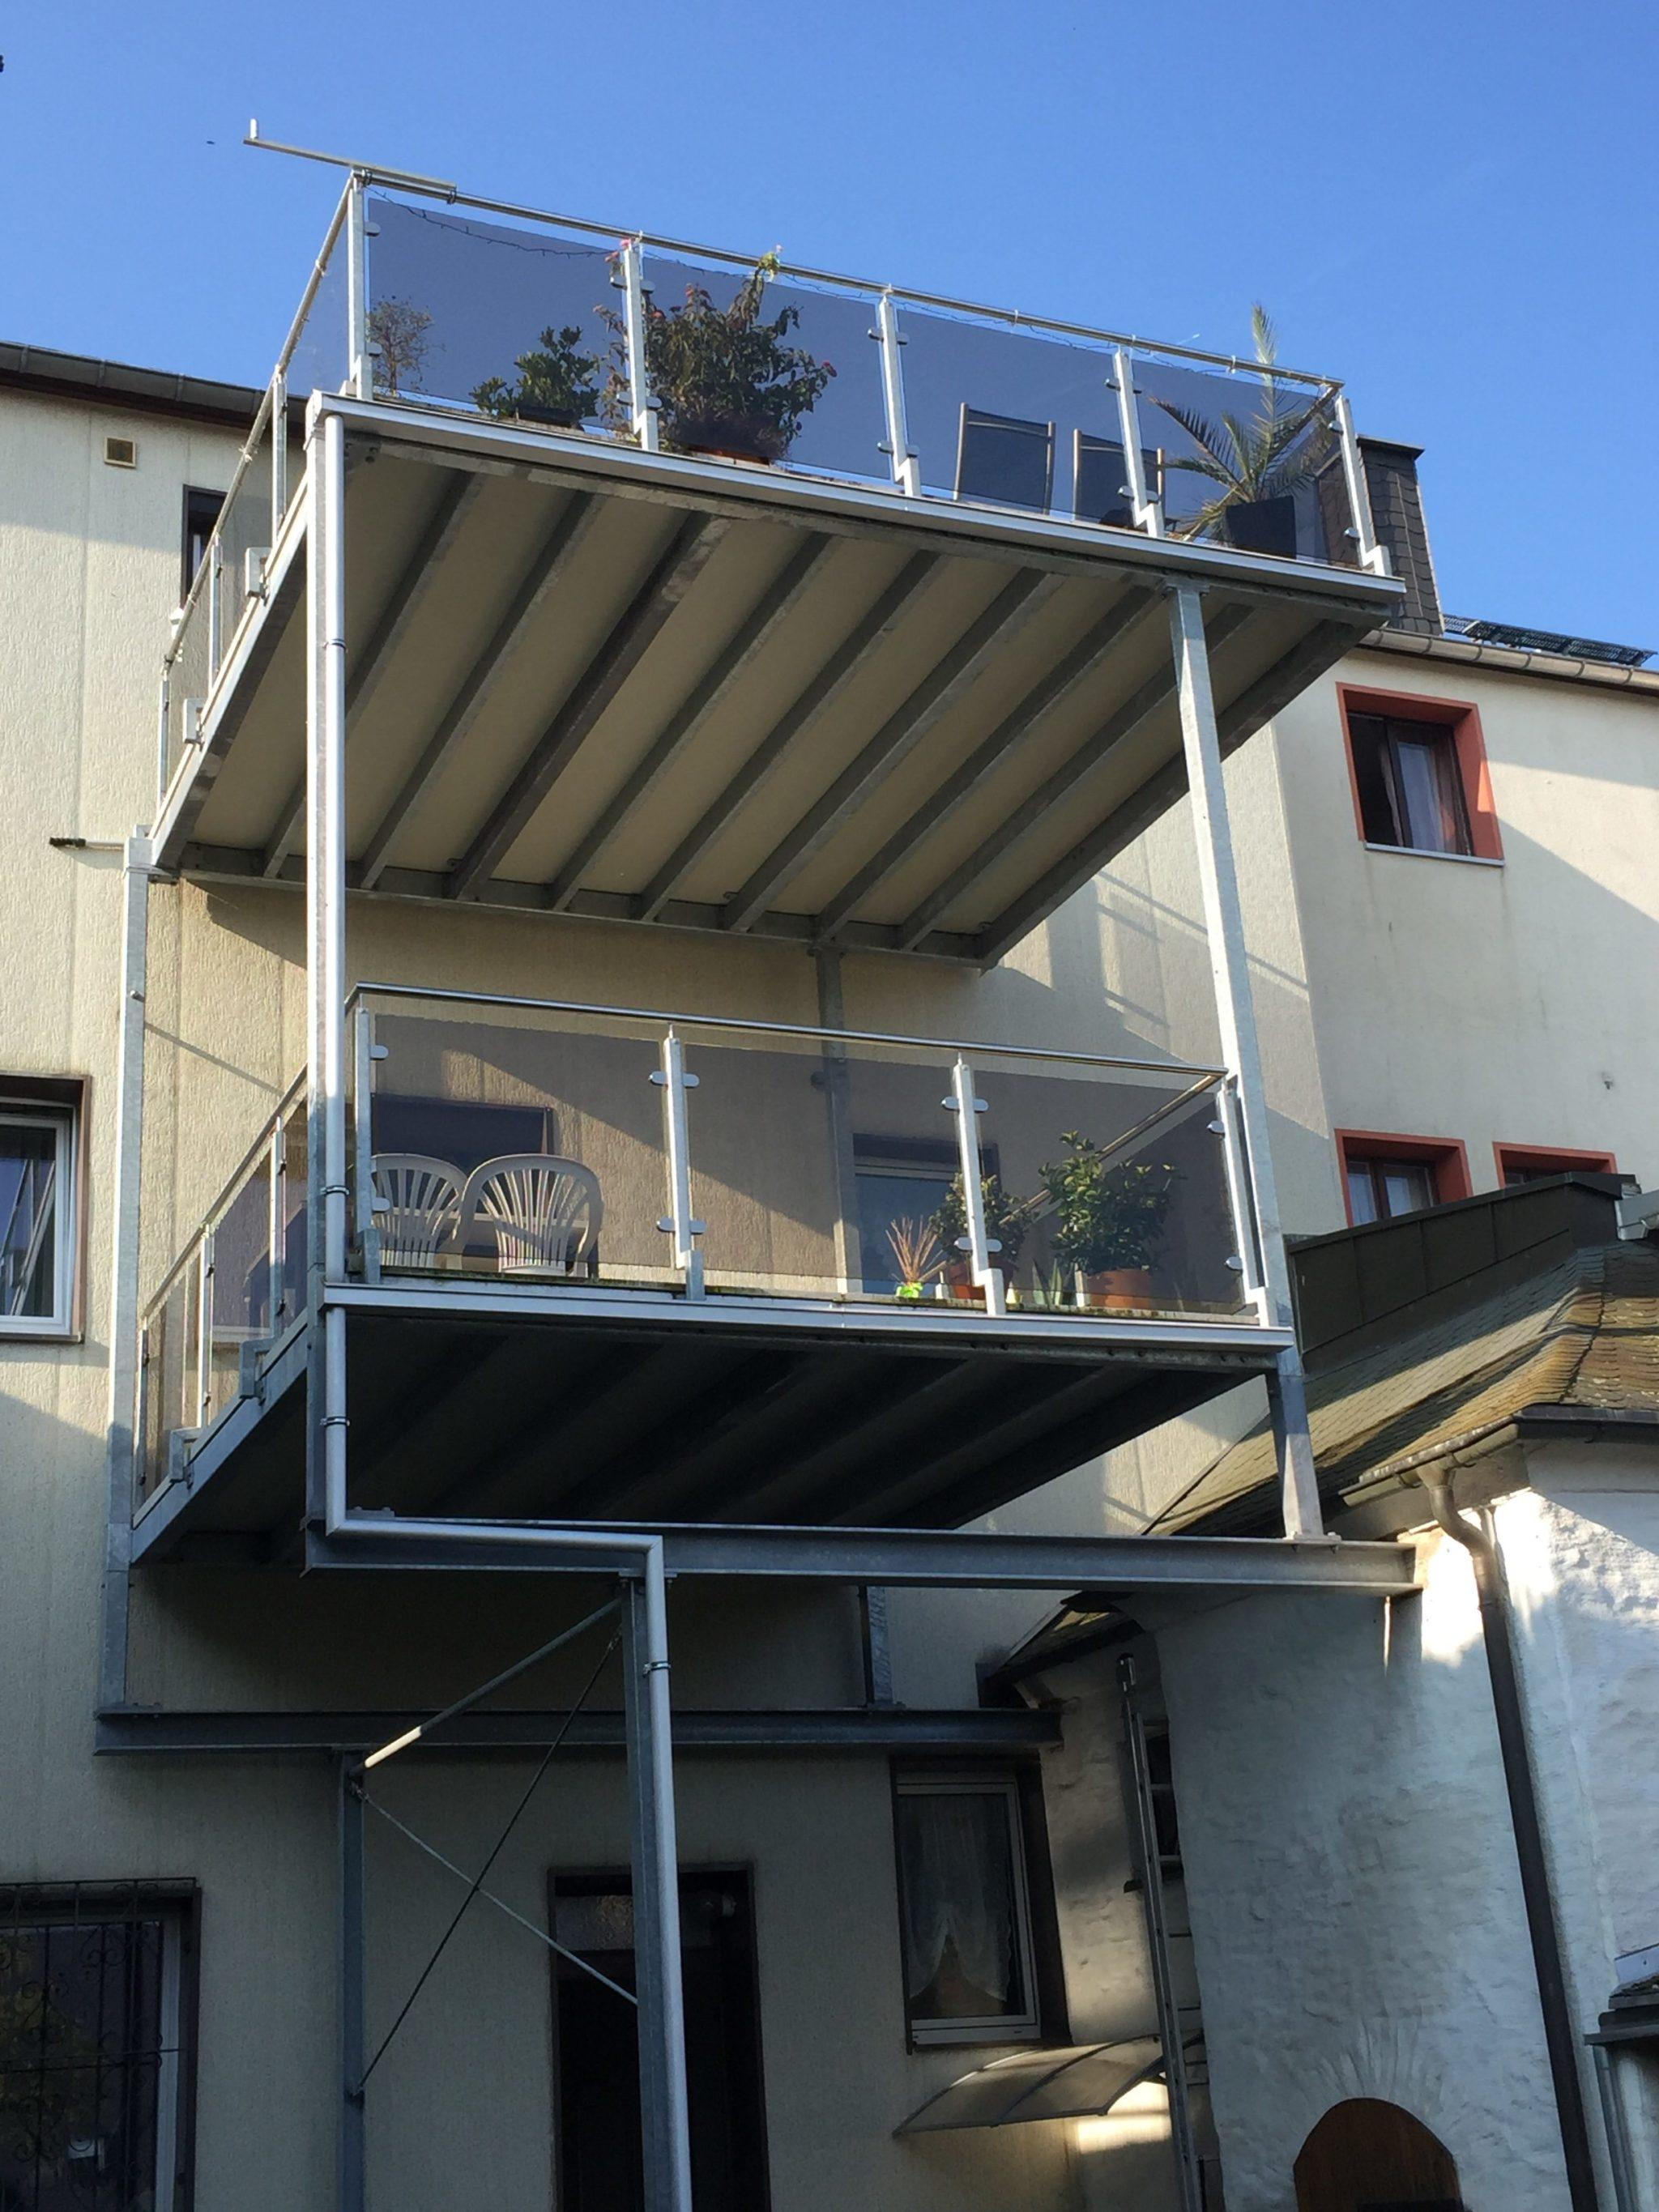 Balkon mit unterschiedlichen Größen pro Geschoss